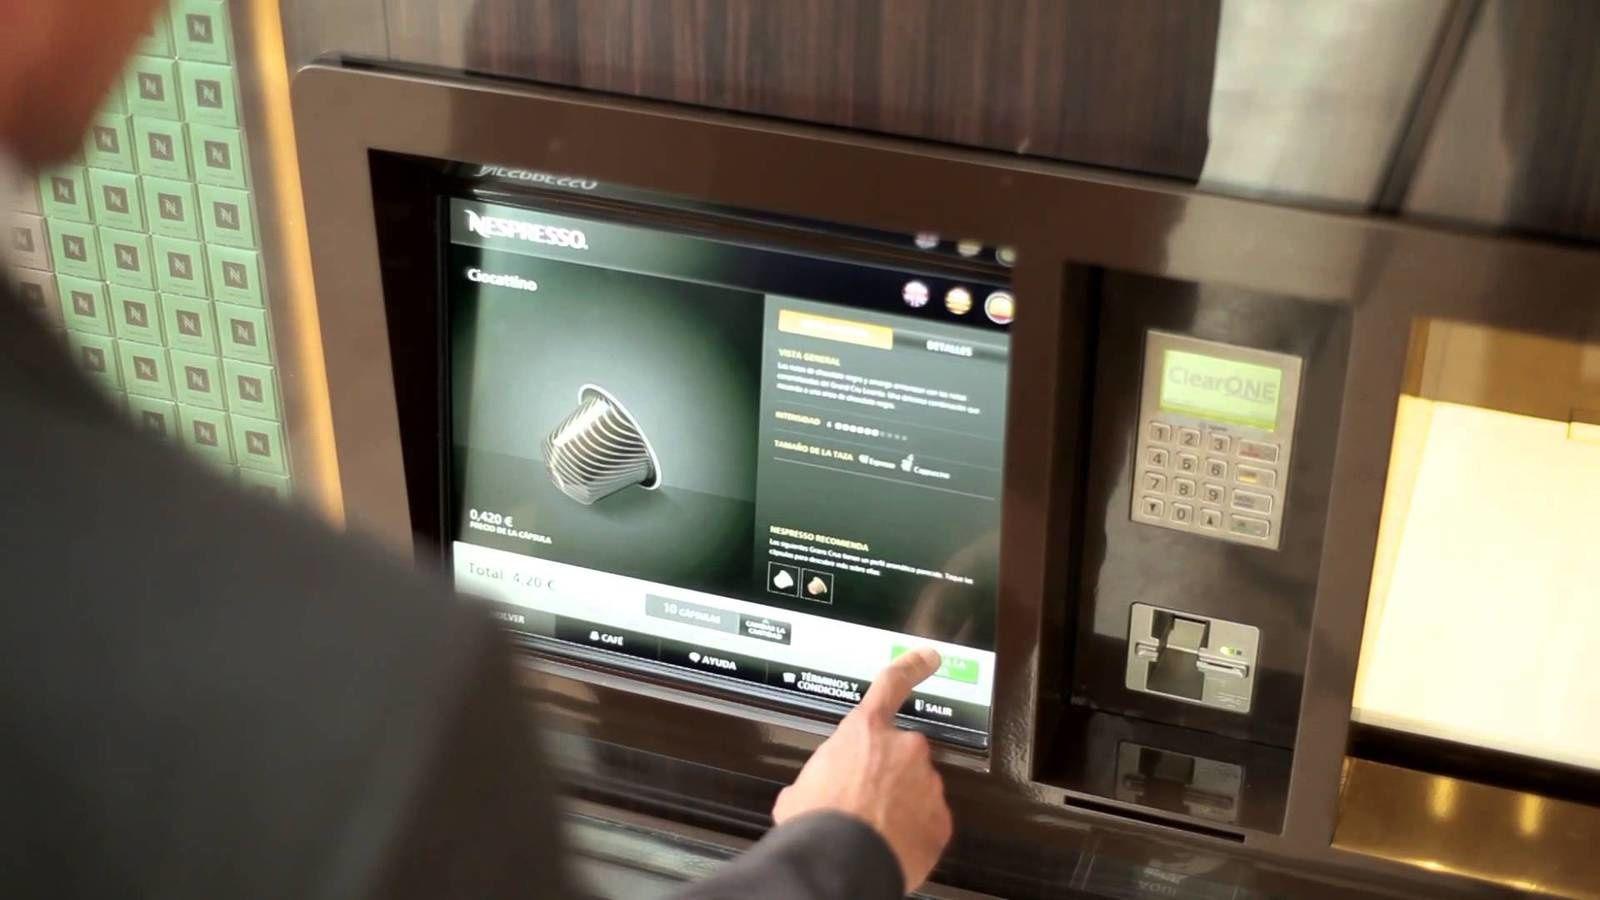 Vers un nouveau modèle de Shopping urbain connecté.  Sephora Flash, Undiz Machine, Nespresso Cube, Best Buy Chloé….